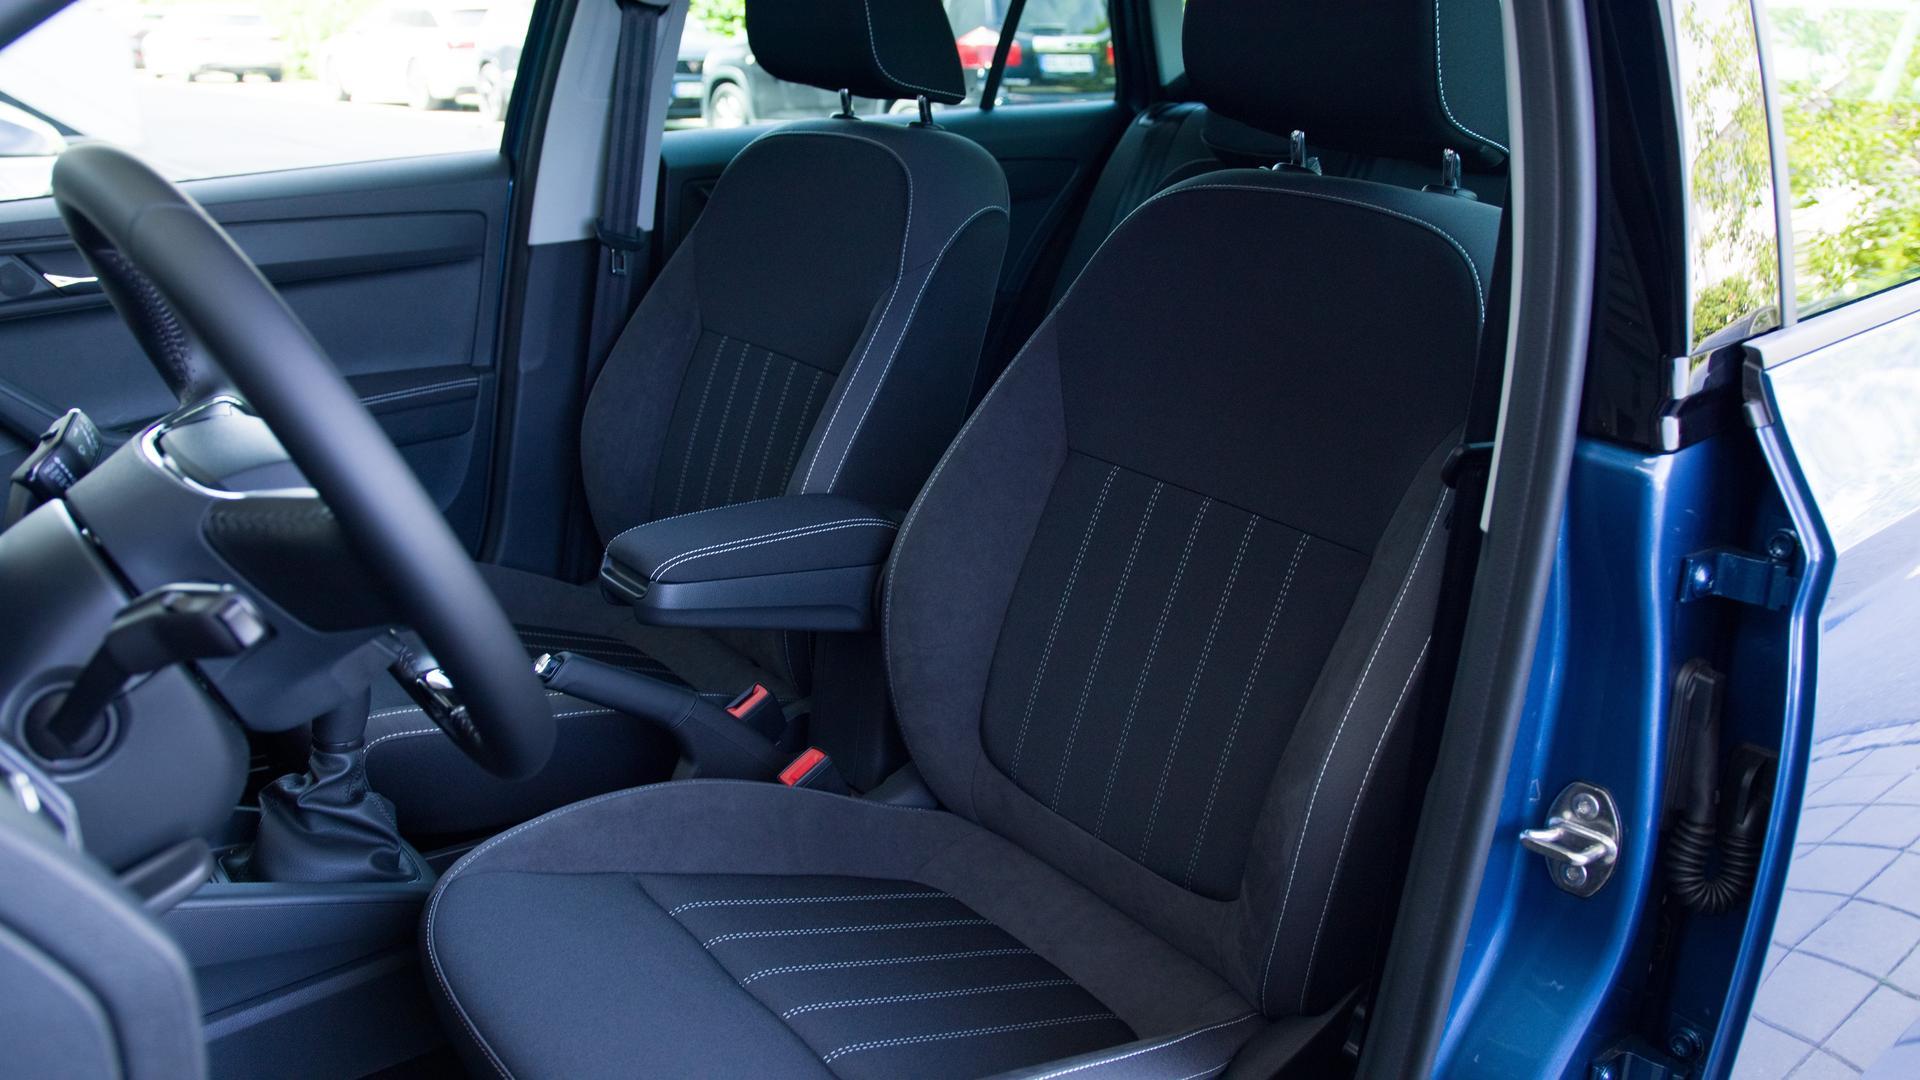 Skoda Fabia Combi 1.0 TSI Fahrersitz